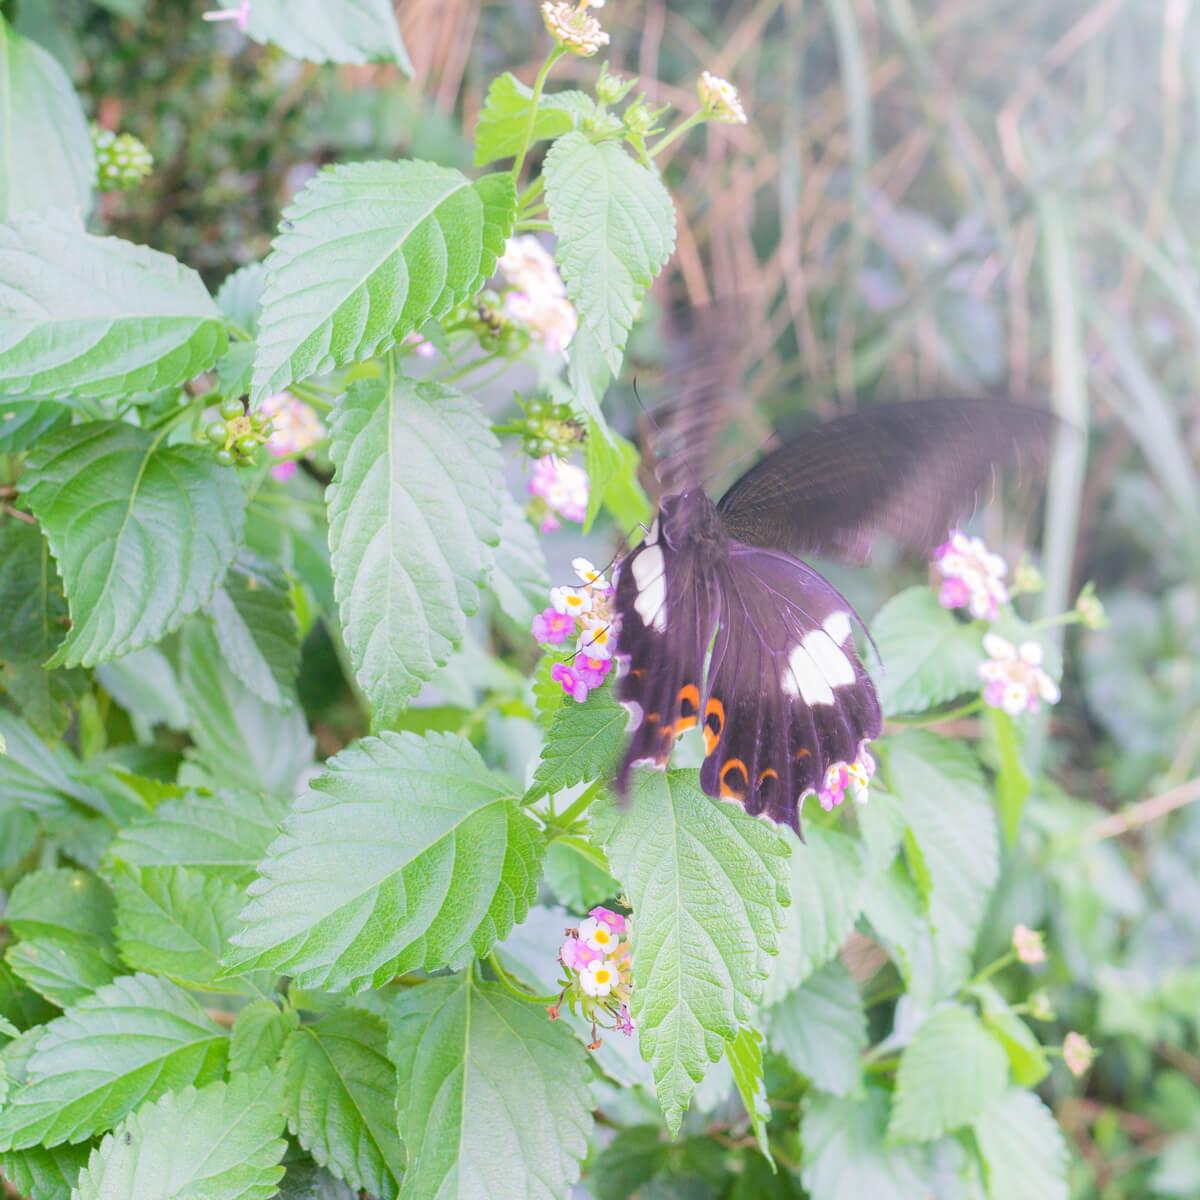 屋久島のチョウチョと花 屋久島日々の暮らしとジュエリー オーダーメイドマリッジリングのモチーフ